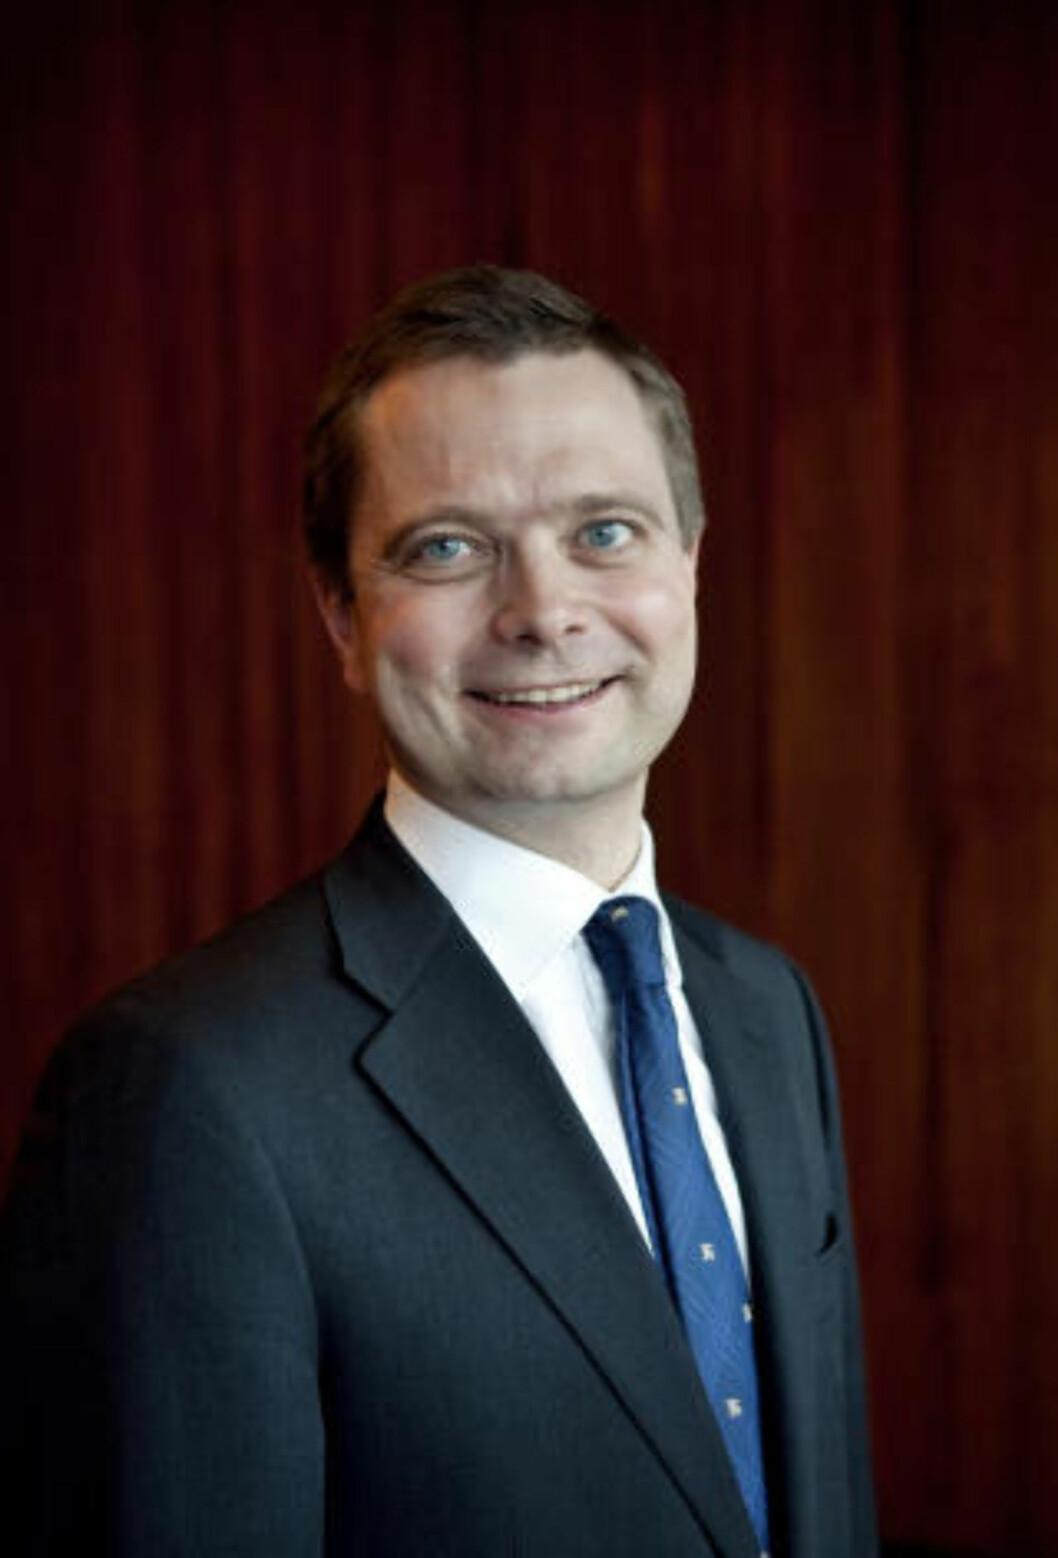 ØNSKER MER NORSK: Harald Espedal i Skagenfondene ønsker mer norsk forvaltning. Foto: Skagenfondene